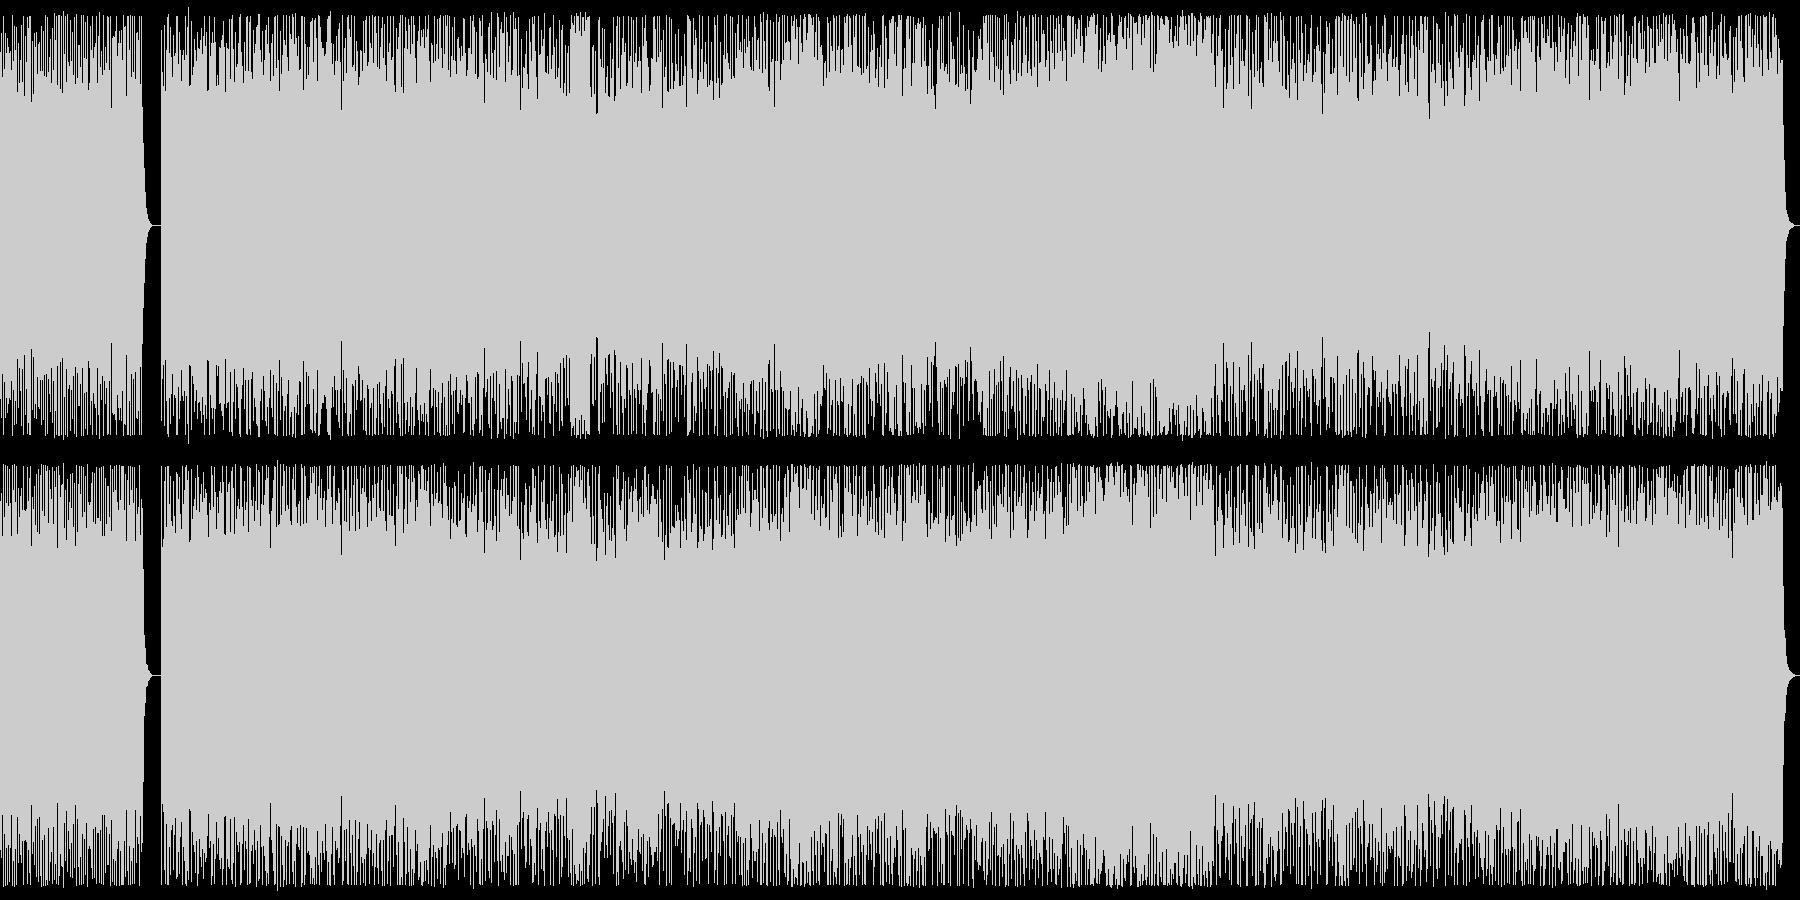 ヘビーメタル戦闘曲 ダークフィールドの未再生の波形